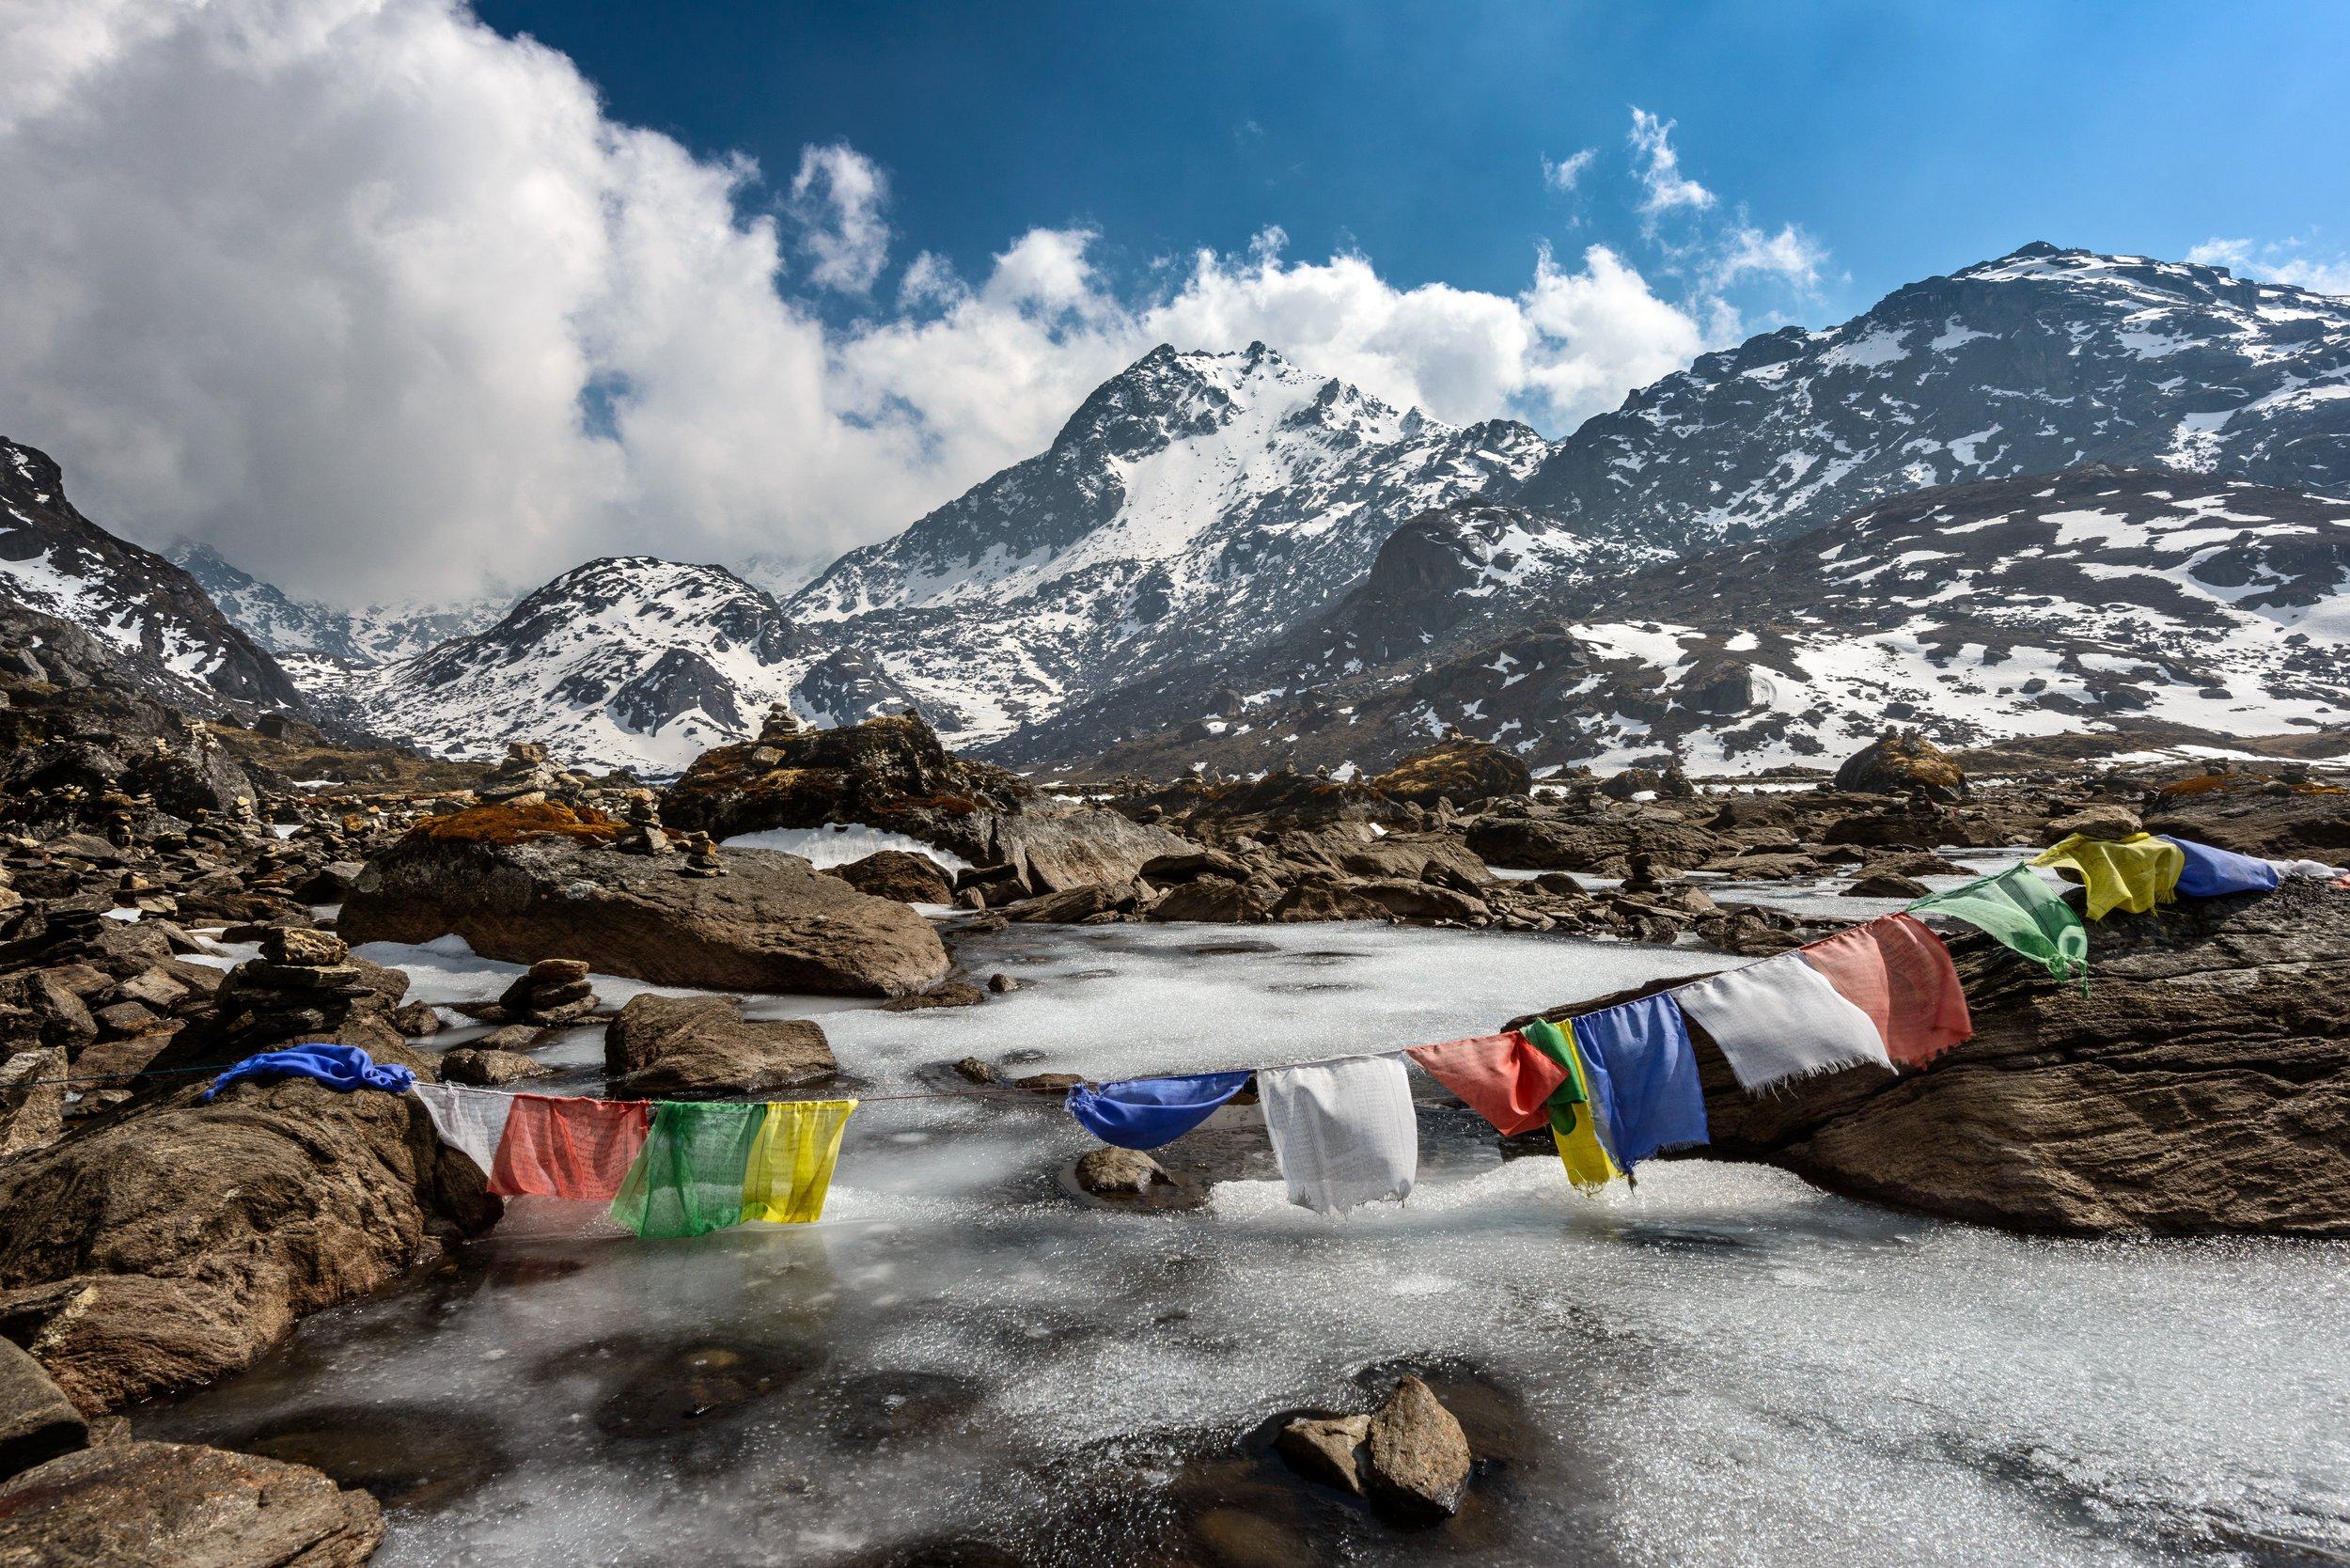 Photo of the Himalayas by Sergey Pesterev on Unsplash